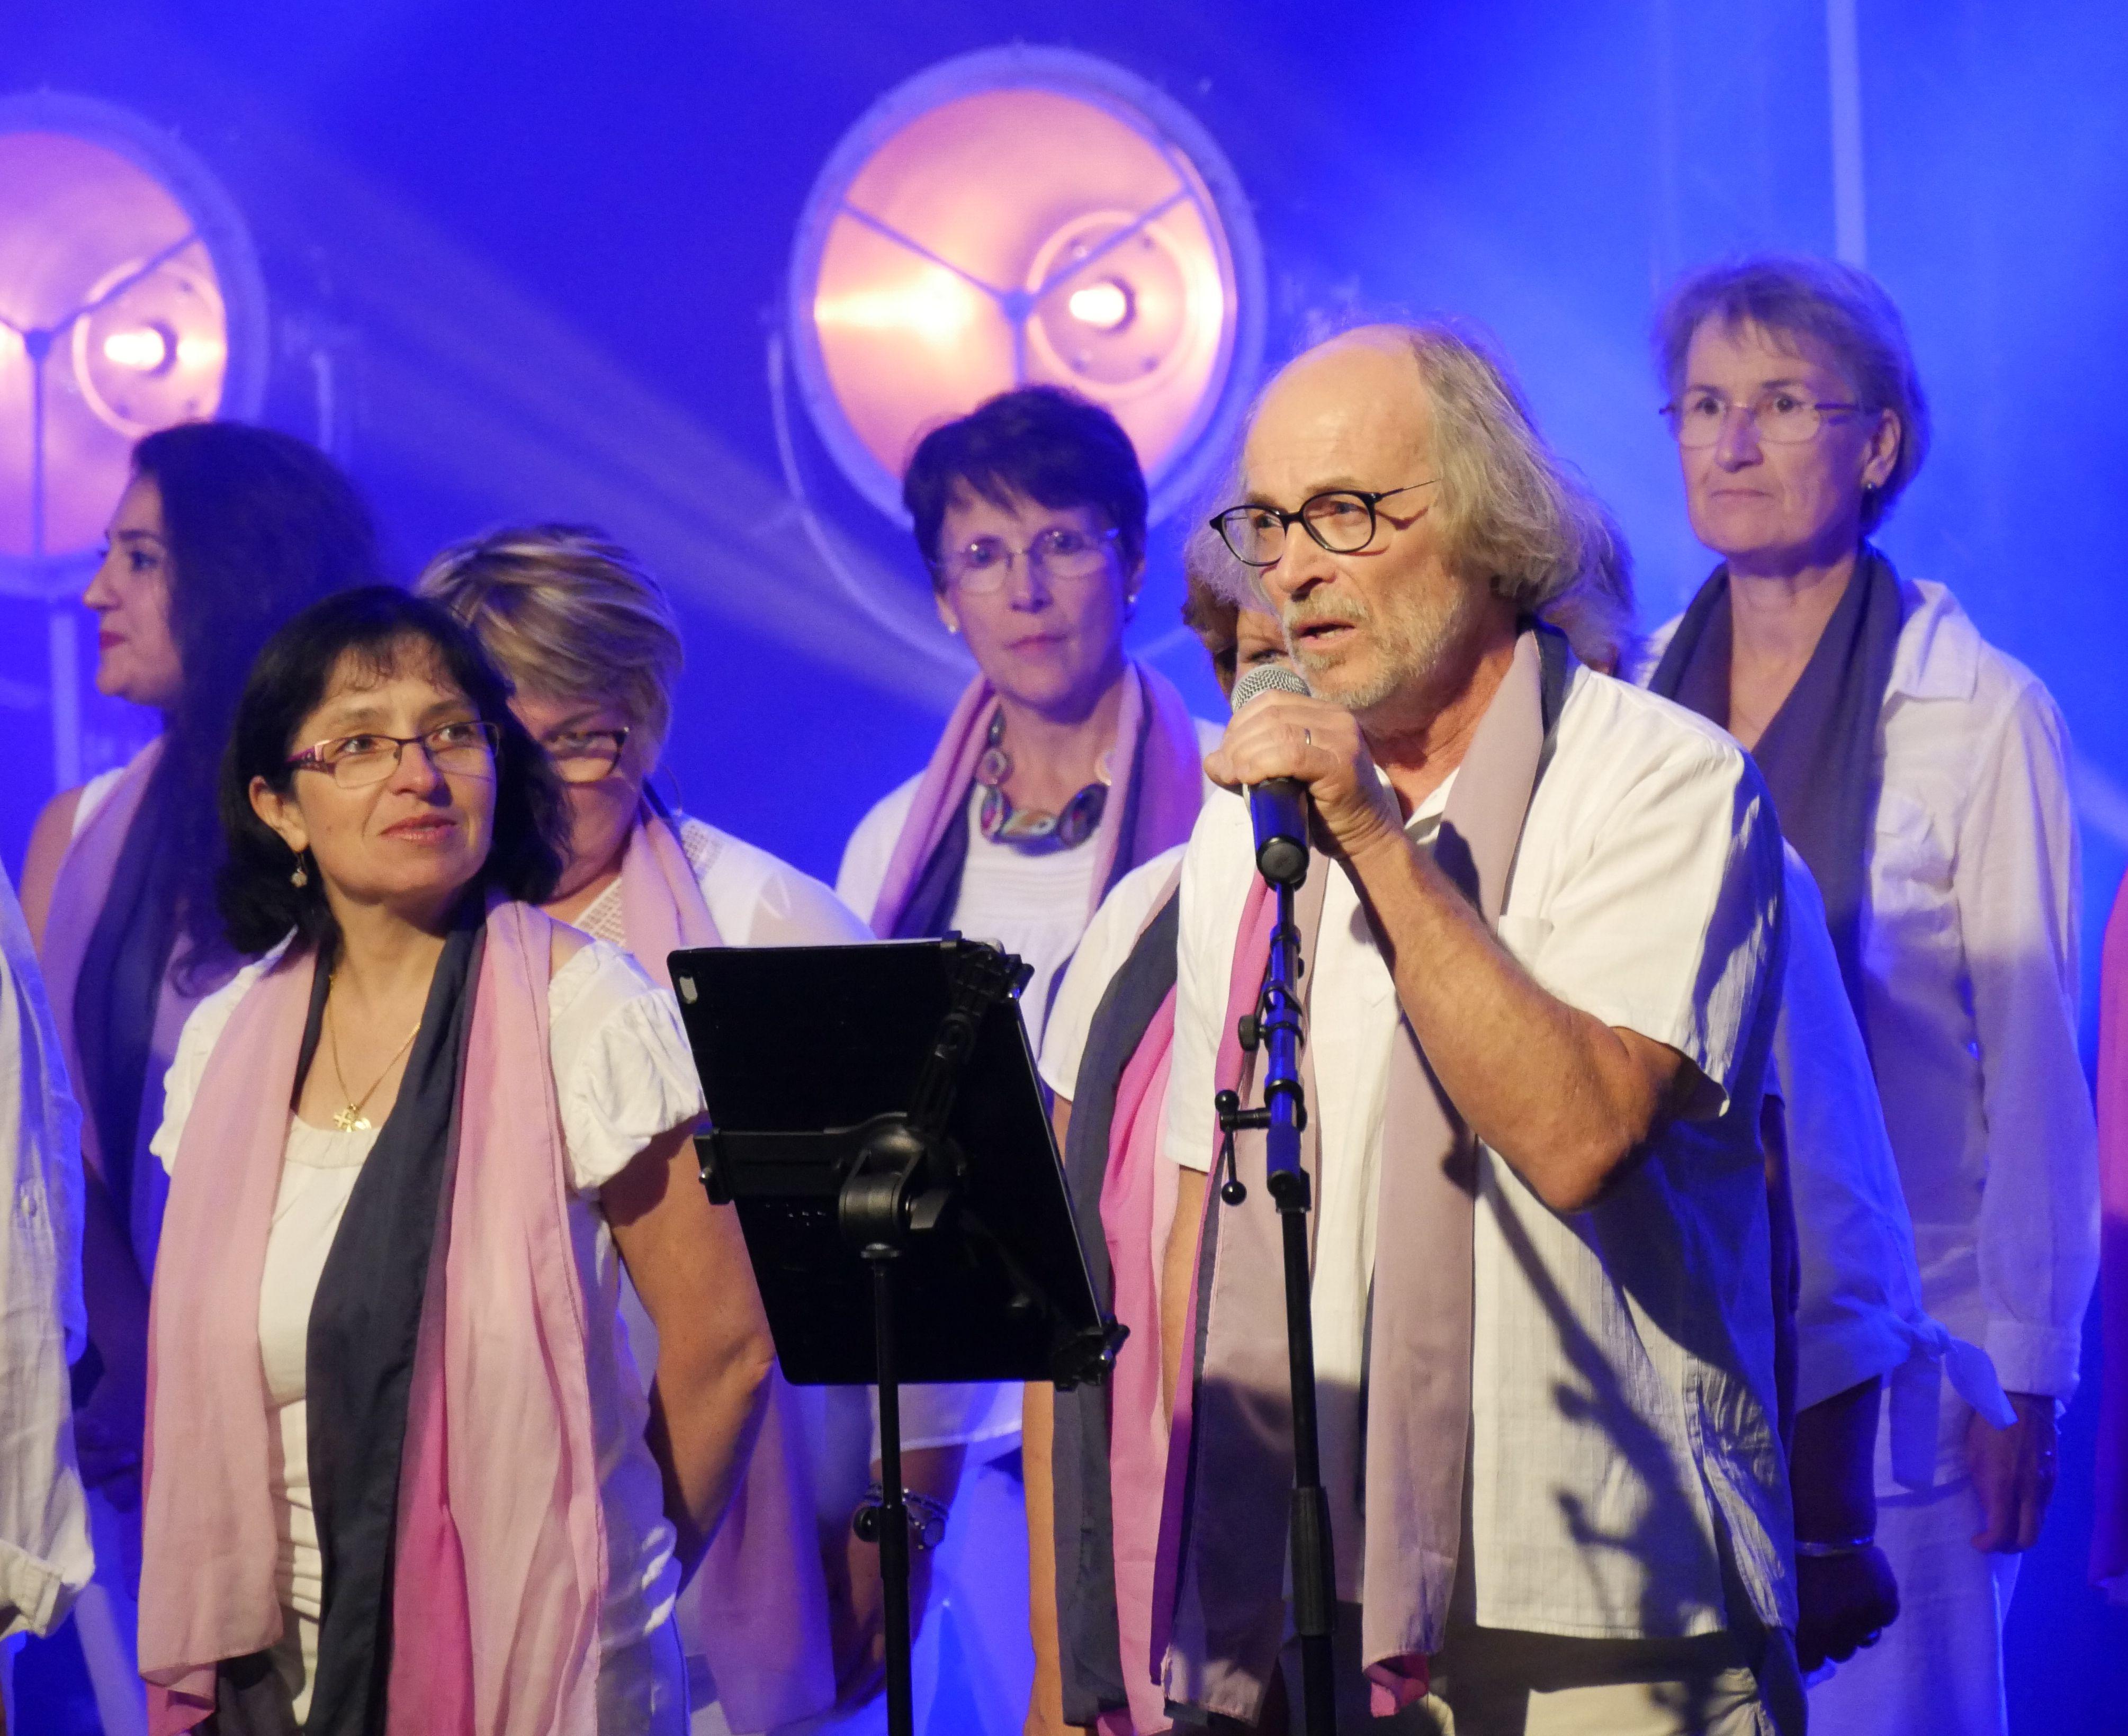 Concert Atoutchoeur juin 2017 P1060953